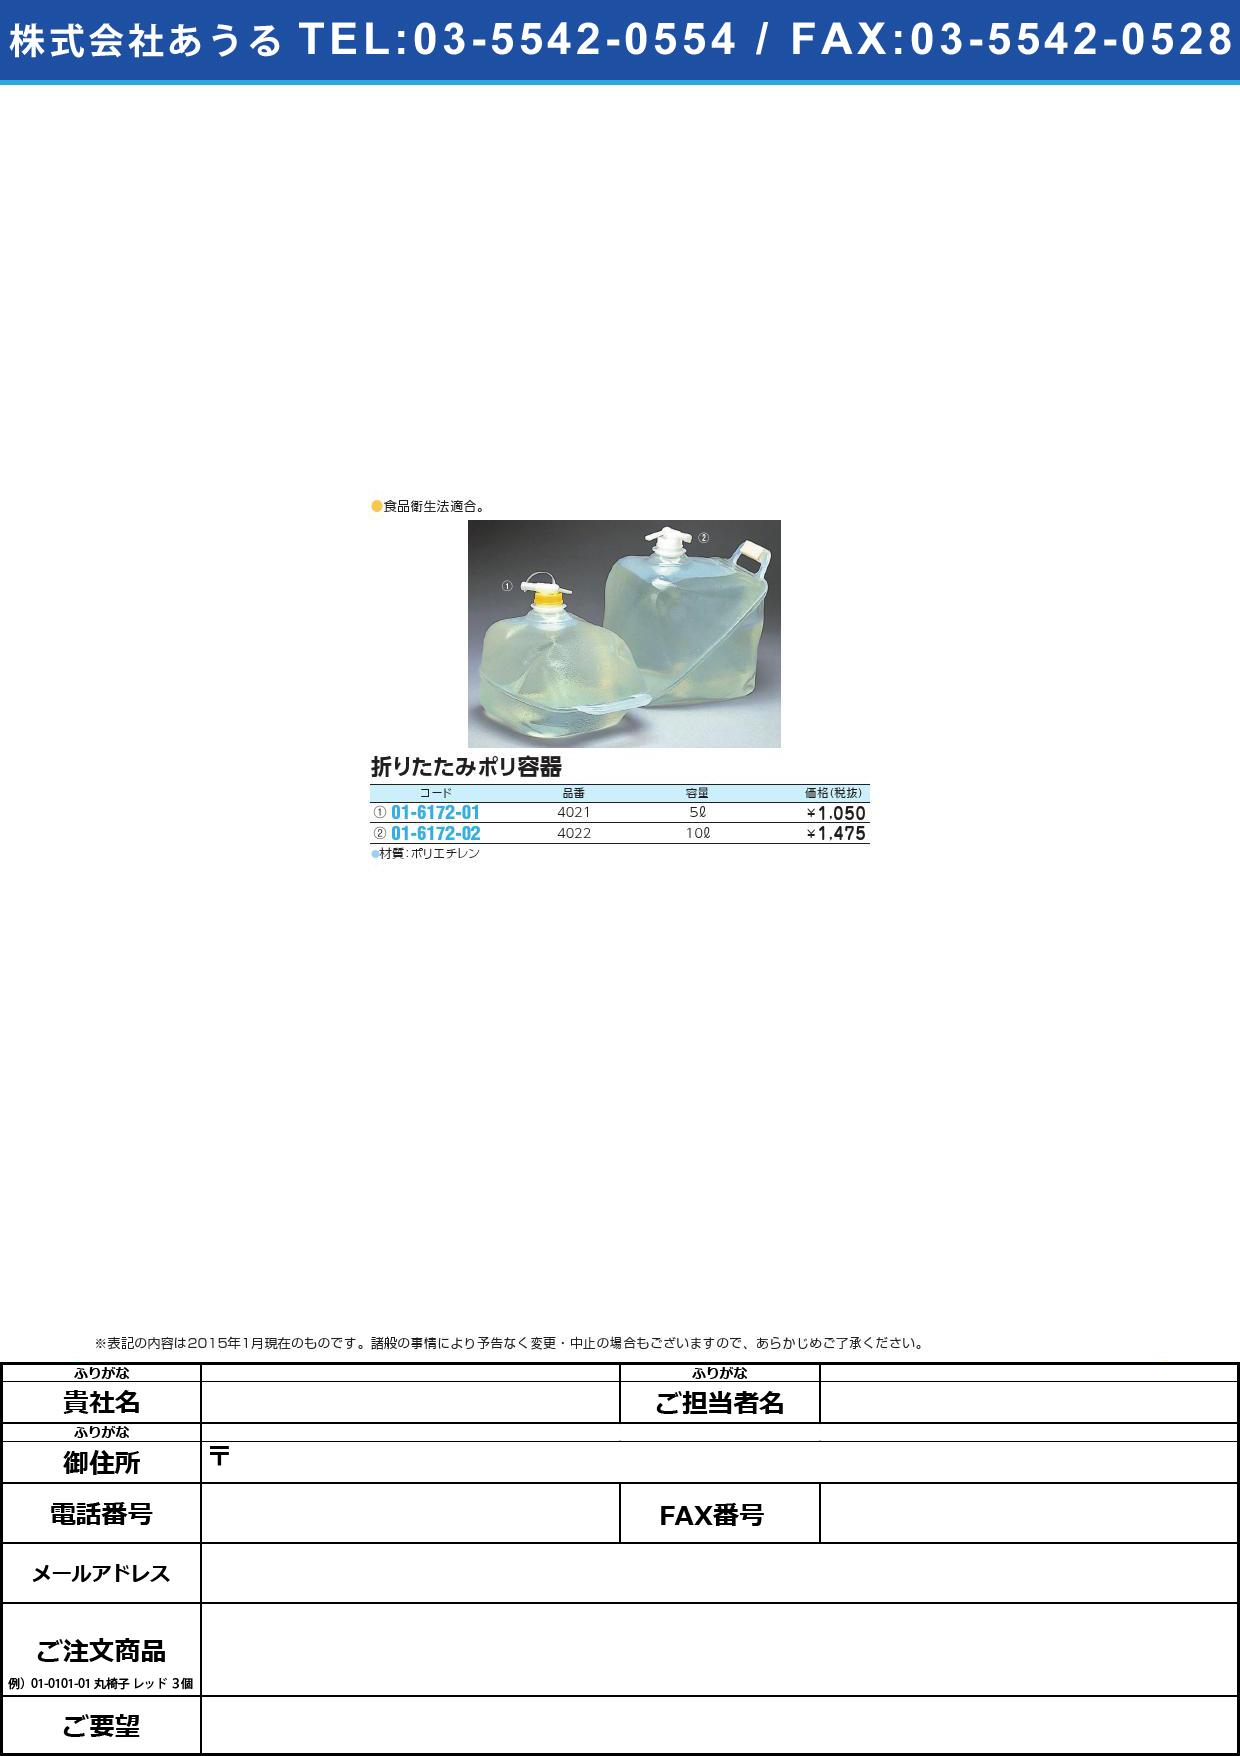 折りたたみポリ容器(ハンディジャグ) オリタタミポリヨウキハンディジャク 4021(5L)【1個単位】(01-6172-01)